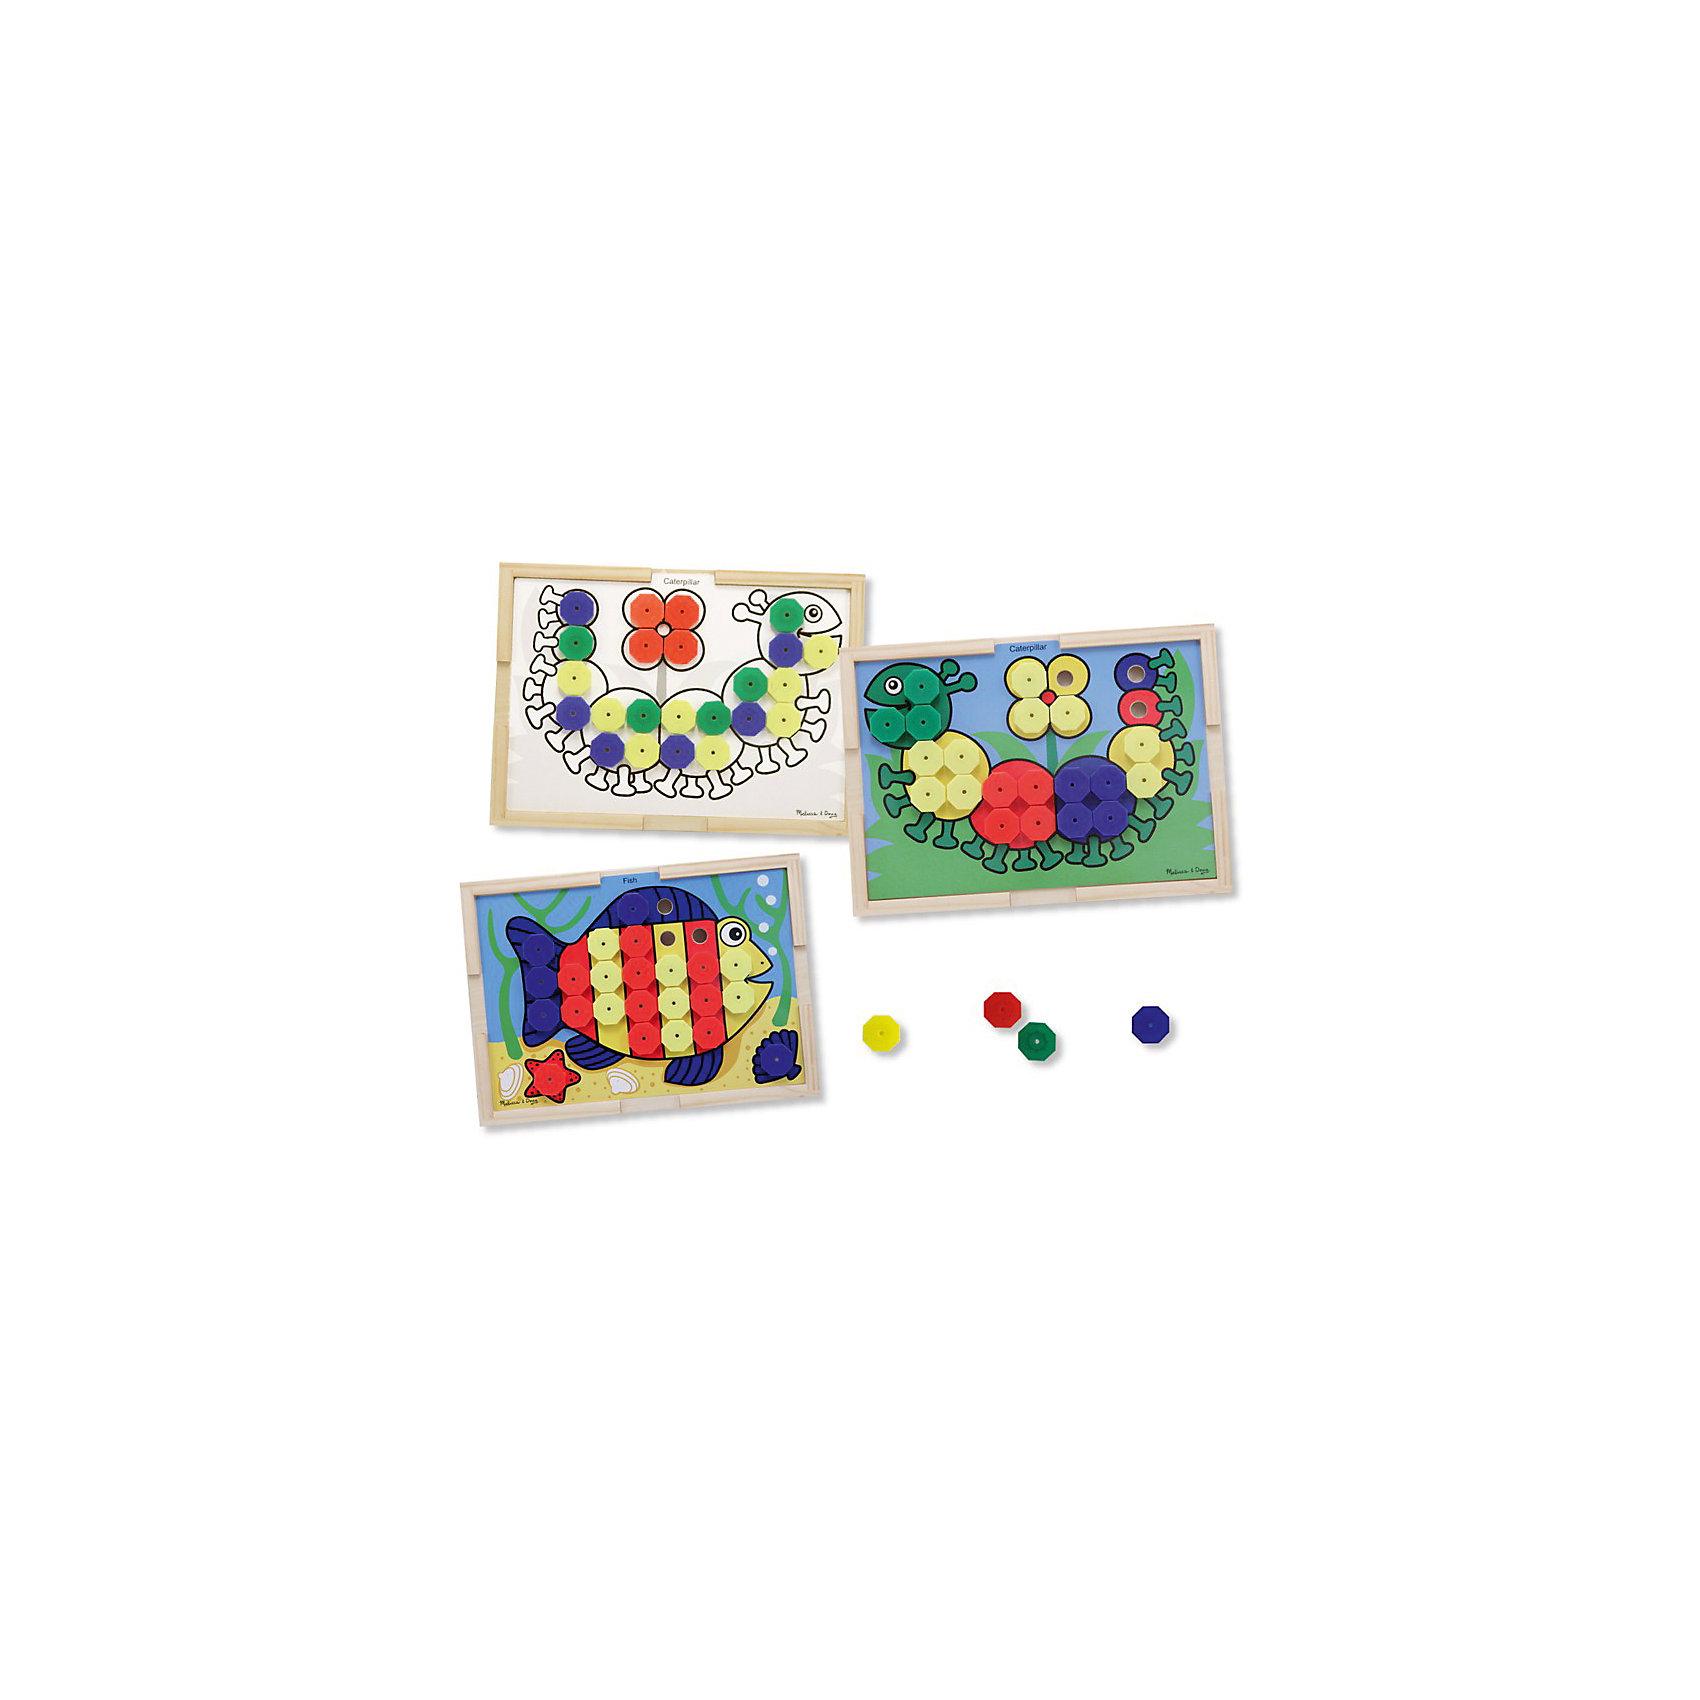 Набор Подбери правильный цвет, Melissa &amp; DougНабор Подбери правильный цвет, Melissa &amp; Doug (Мелисса и Даг).<br><br>Характеристики:<br><br>- В наборе: деревянная доска-рамка; 10 двухсторонних карточек – на одной стороне цветной рисунок, с другой – черно-белый; 64 разноцветных элемента мозаики<br>- Размер доски: 40х29х6 см.<br>- Материал: древесина, картон<br><br>С красочным развивающим набором Подбери правильный цвет ваш малыш познакомится с основными цветами и научится собирать картинки. На 10 двухсторонних карточках изображены рыбка, гусеничка, черепаха, крокодил, попугай и другие картинки. На одной стороне карточки рисунок цветной, а на другой – черно-белый (для детей постарше). Каждая картинка представляет собой основу для сборки, которая крепится к деревянной доске-рамке. Малышу предстоит правильно подобрать цвет элемента мозаики, чтобы собрать картинку. Элементы мозаики крупные и удобные для детской ладошки. Деревянная доска-рамка имеет достаточно большой размер. Игра с набором Подбери правильный цвет способствует развитию зрительно-моторной связи, фантазии, логическому мышлению, цветовосприятию и отлично поднимает настроение.<br><br>Набор Подбери правильный цвет, Melissa &amp; Doug (Мелисса и Даг) можно купить в нашем интернет-магазине.<br><br>Ширина мм: 400<br>Глубина мм: 60<br>Высота мм: 290<br>Вес г: 1157<br>Возраст от месяцев: 36<br>Возраст до месяцев: 2147483647<br>Пол: Унисекс<br>Возраст: Детский<br>SKU: 5074356